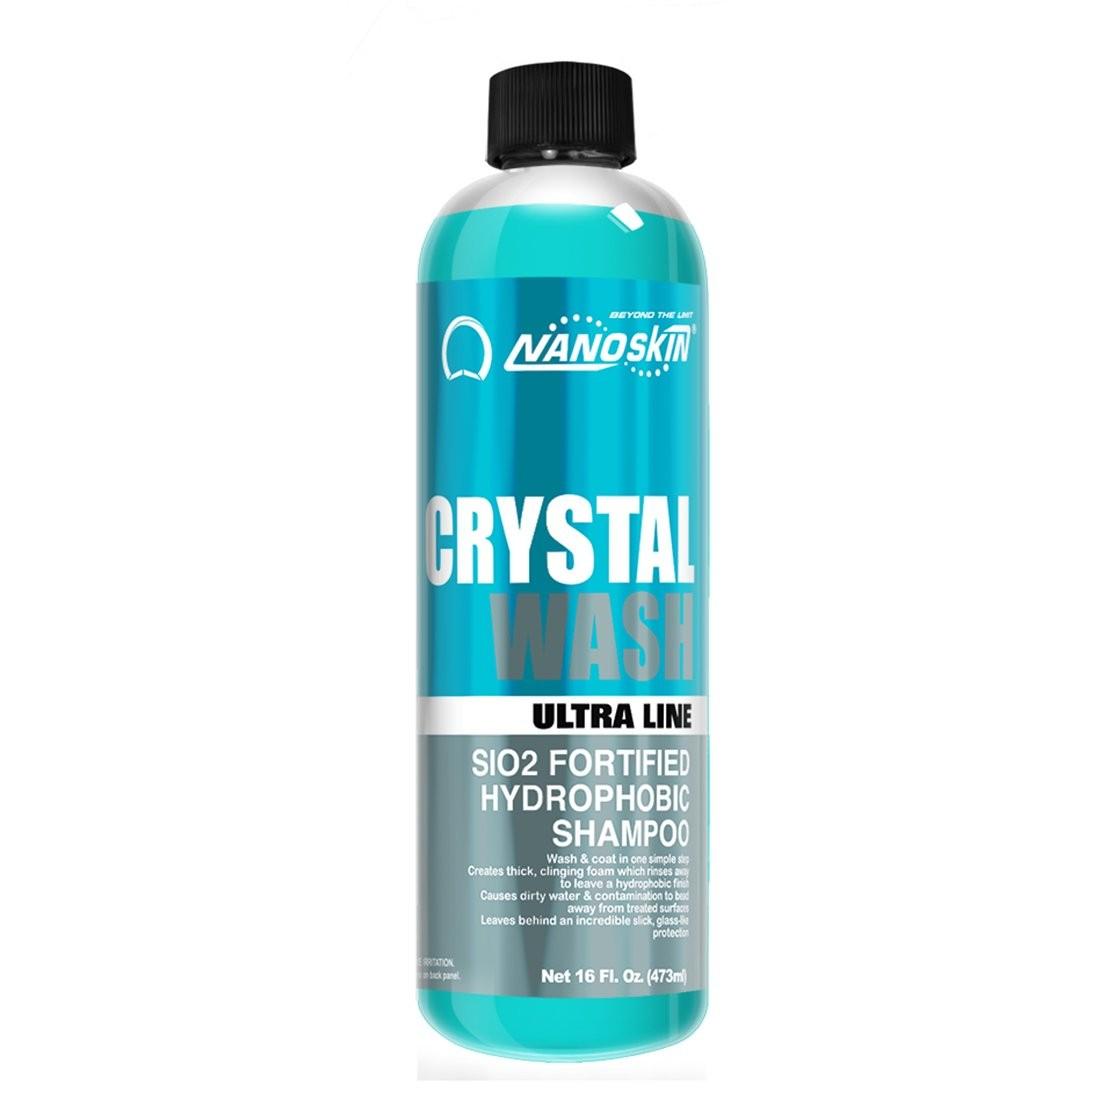 CRYSTAL WASH SiO2 Fortified Hydrophobic Shampoo-16oz